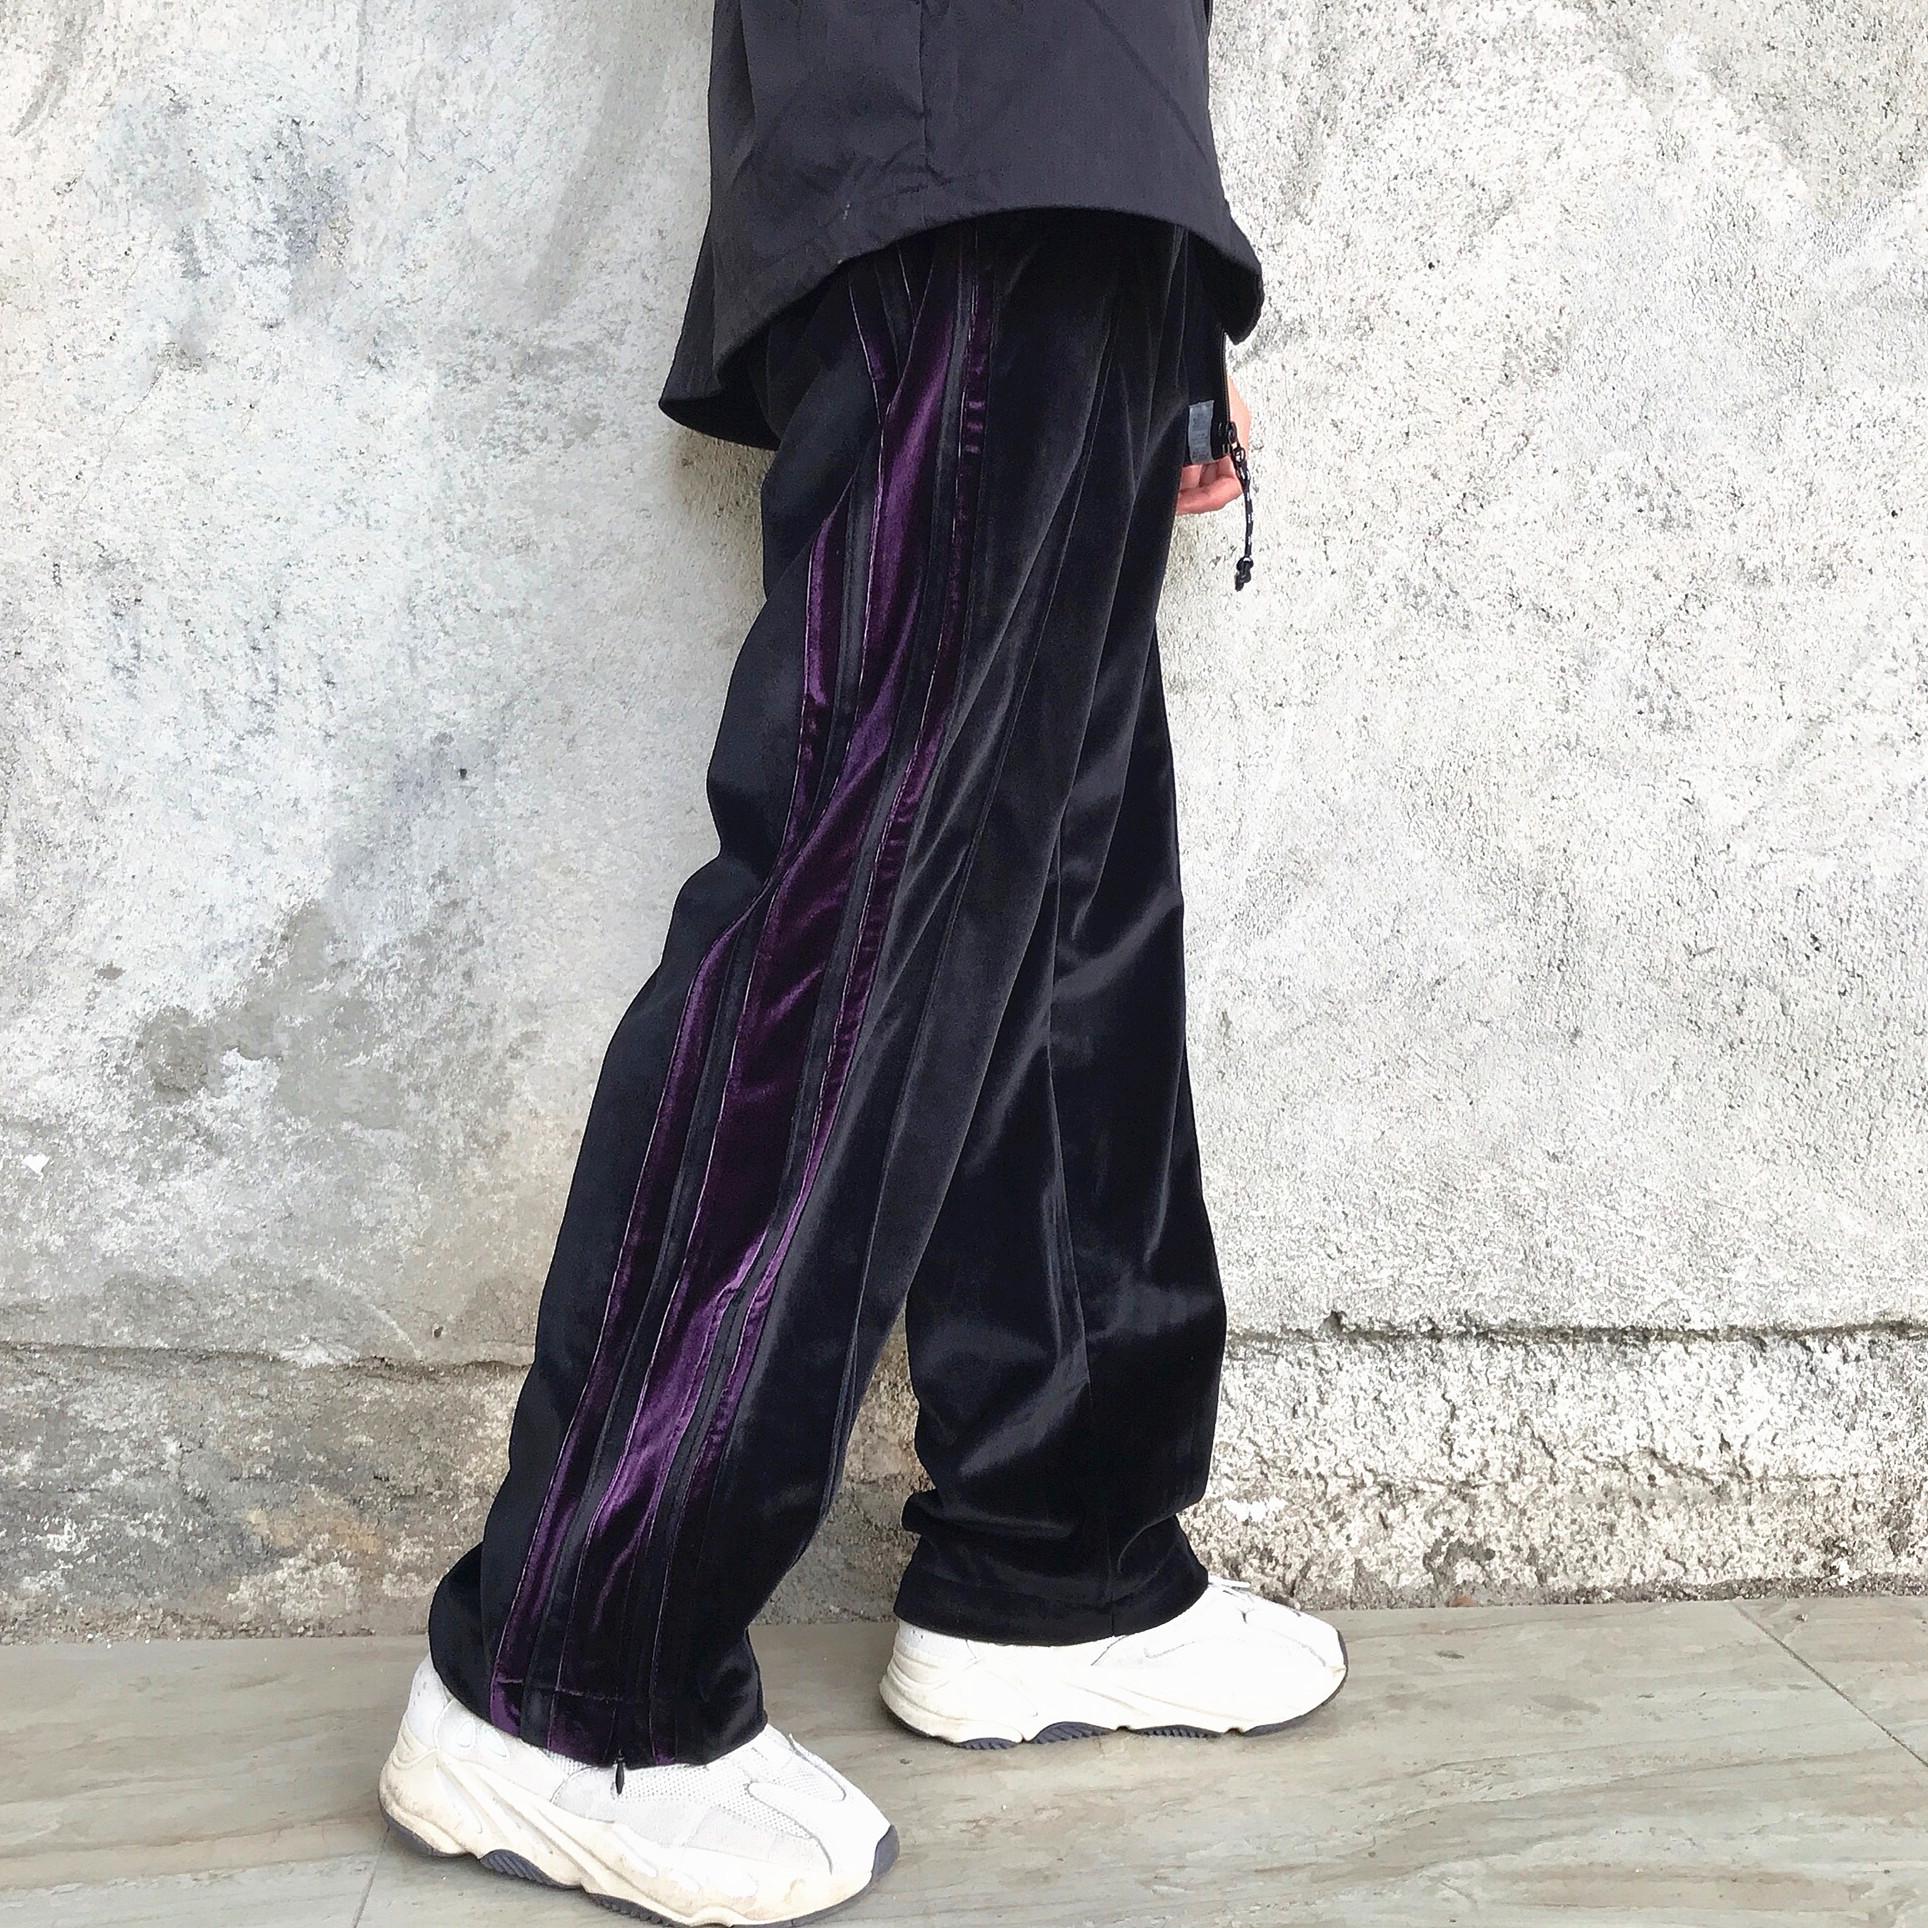 WHOOPSHOP DONSMOKE Quần nhung nam giản dị nam nữ thương hiệu hip hop retro đường dài quần dài - 3/4 Jeans